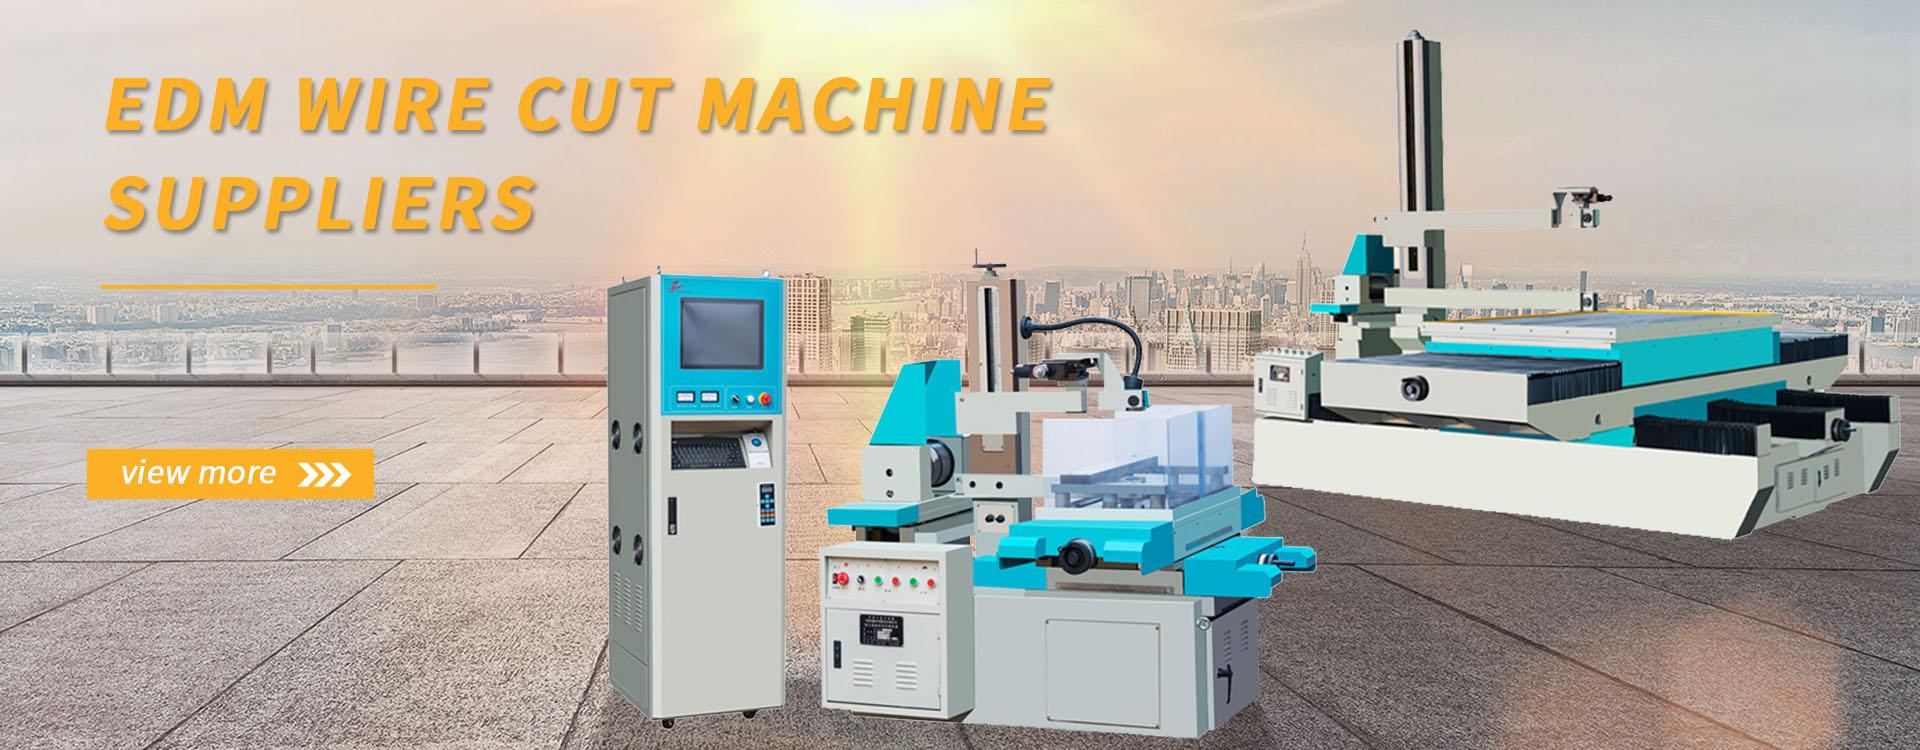 Standard EDM Wire Cut Machine